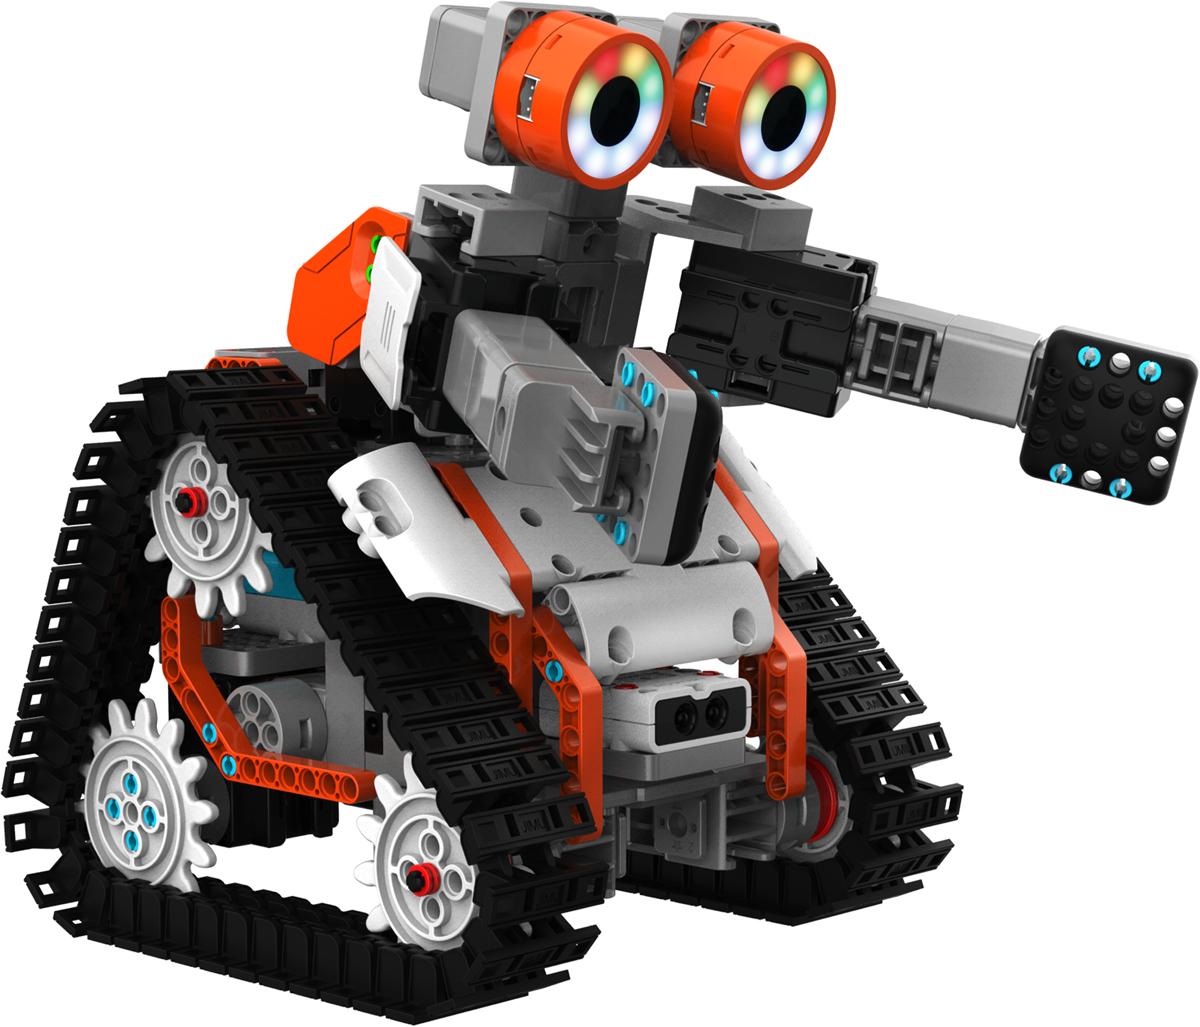 UBTech Робот-конструктор Jimu Astrobot российский патриотизм молодежный аспект